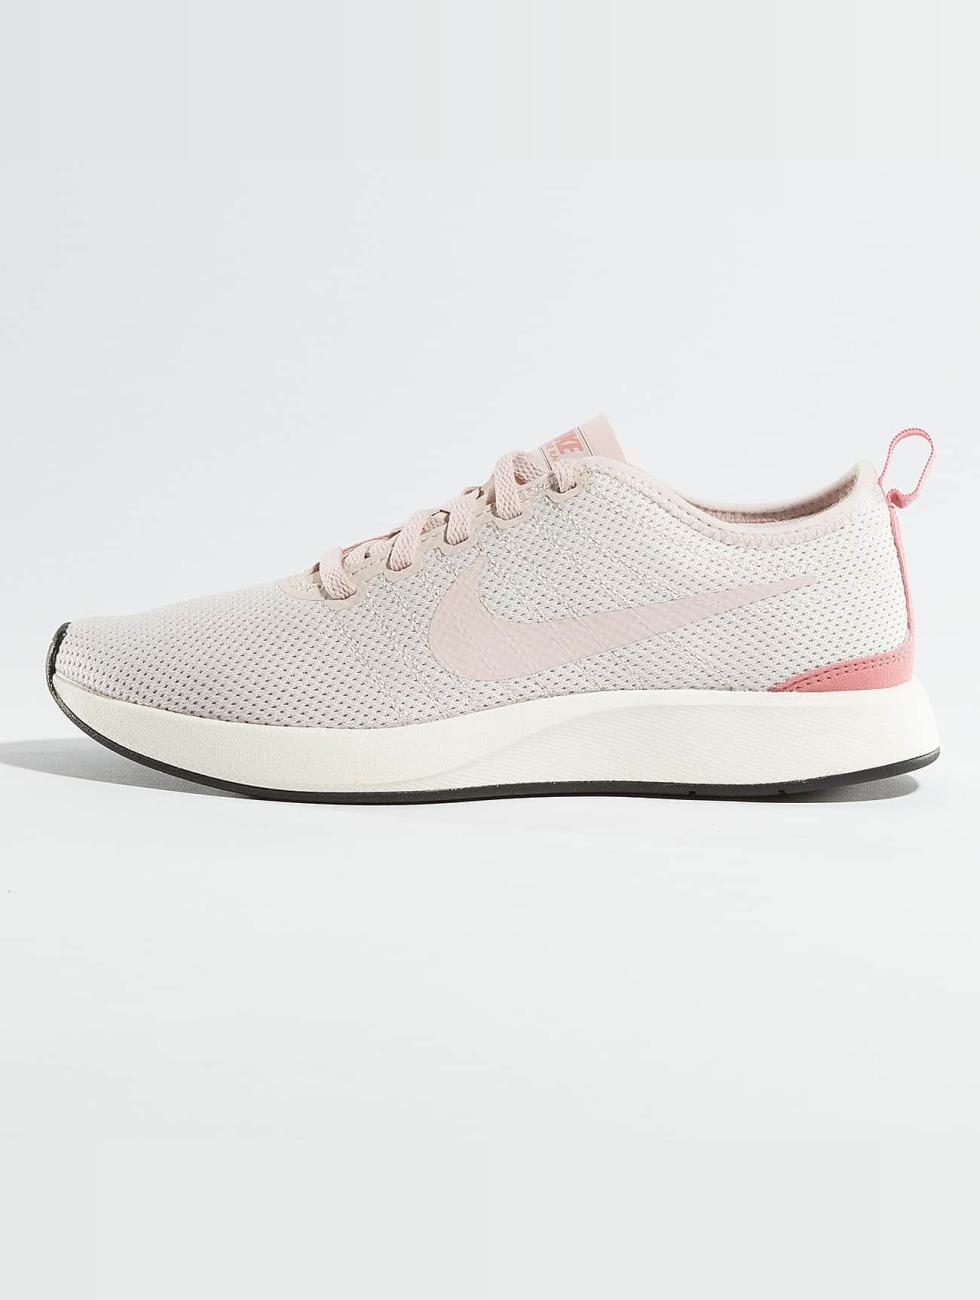 Nike Sko På Tilbud,Dame Nike Air Max 97 Sko CoralLys Rosa